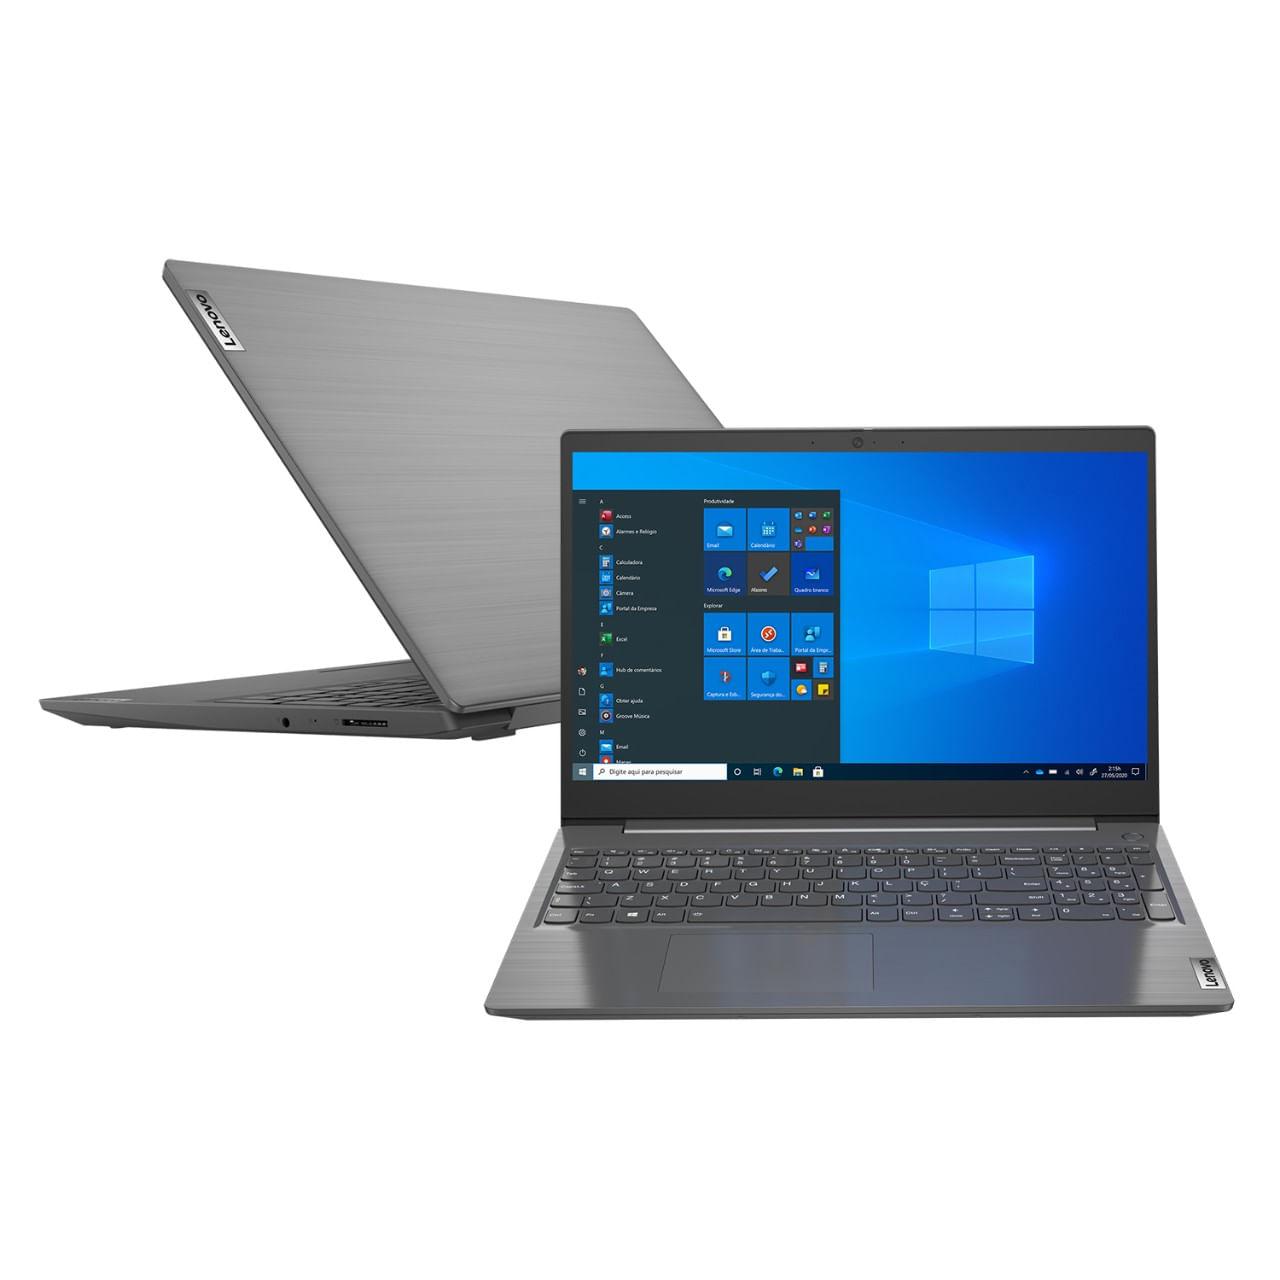 Imagem de Notebook Lenovo V15 I3-10110u 4GB 500GB Windows 10 Pro 15.6